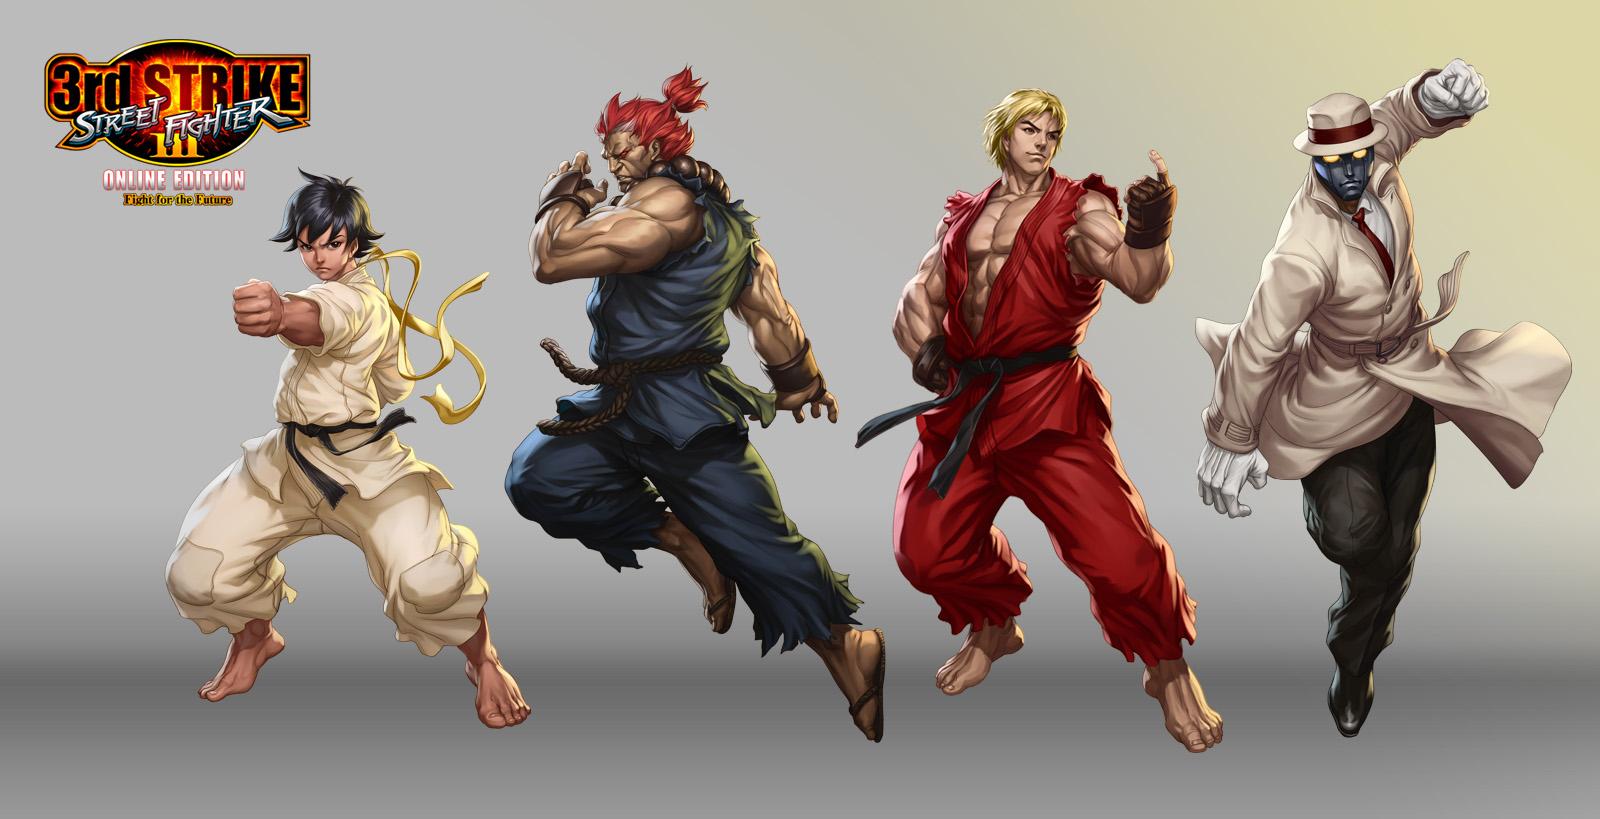 Street Fighter III OE Art 1